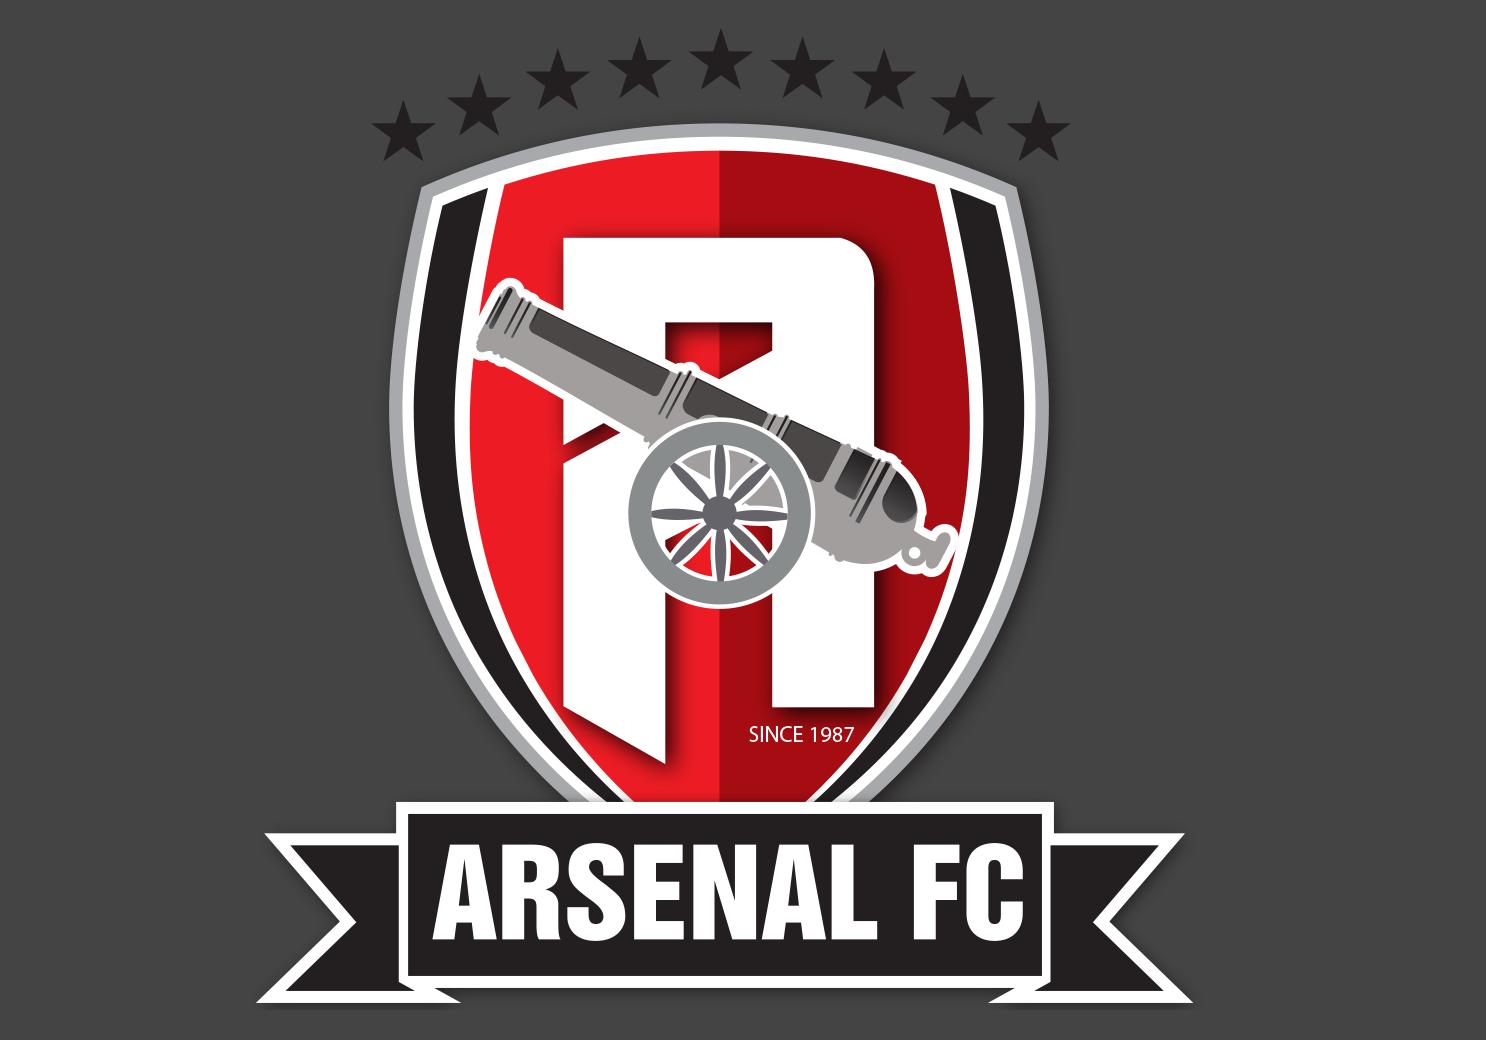 Hình Arsenal logo png